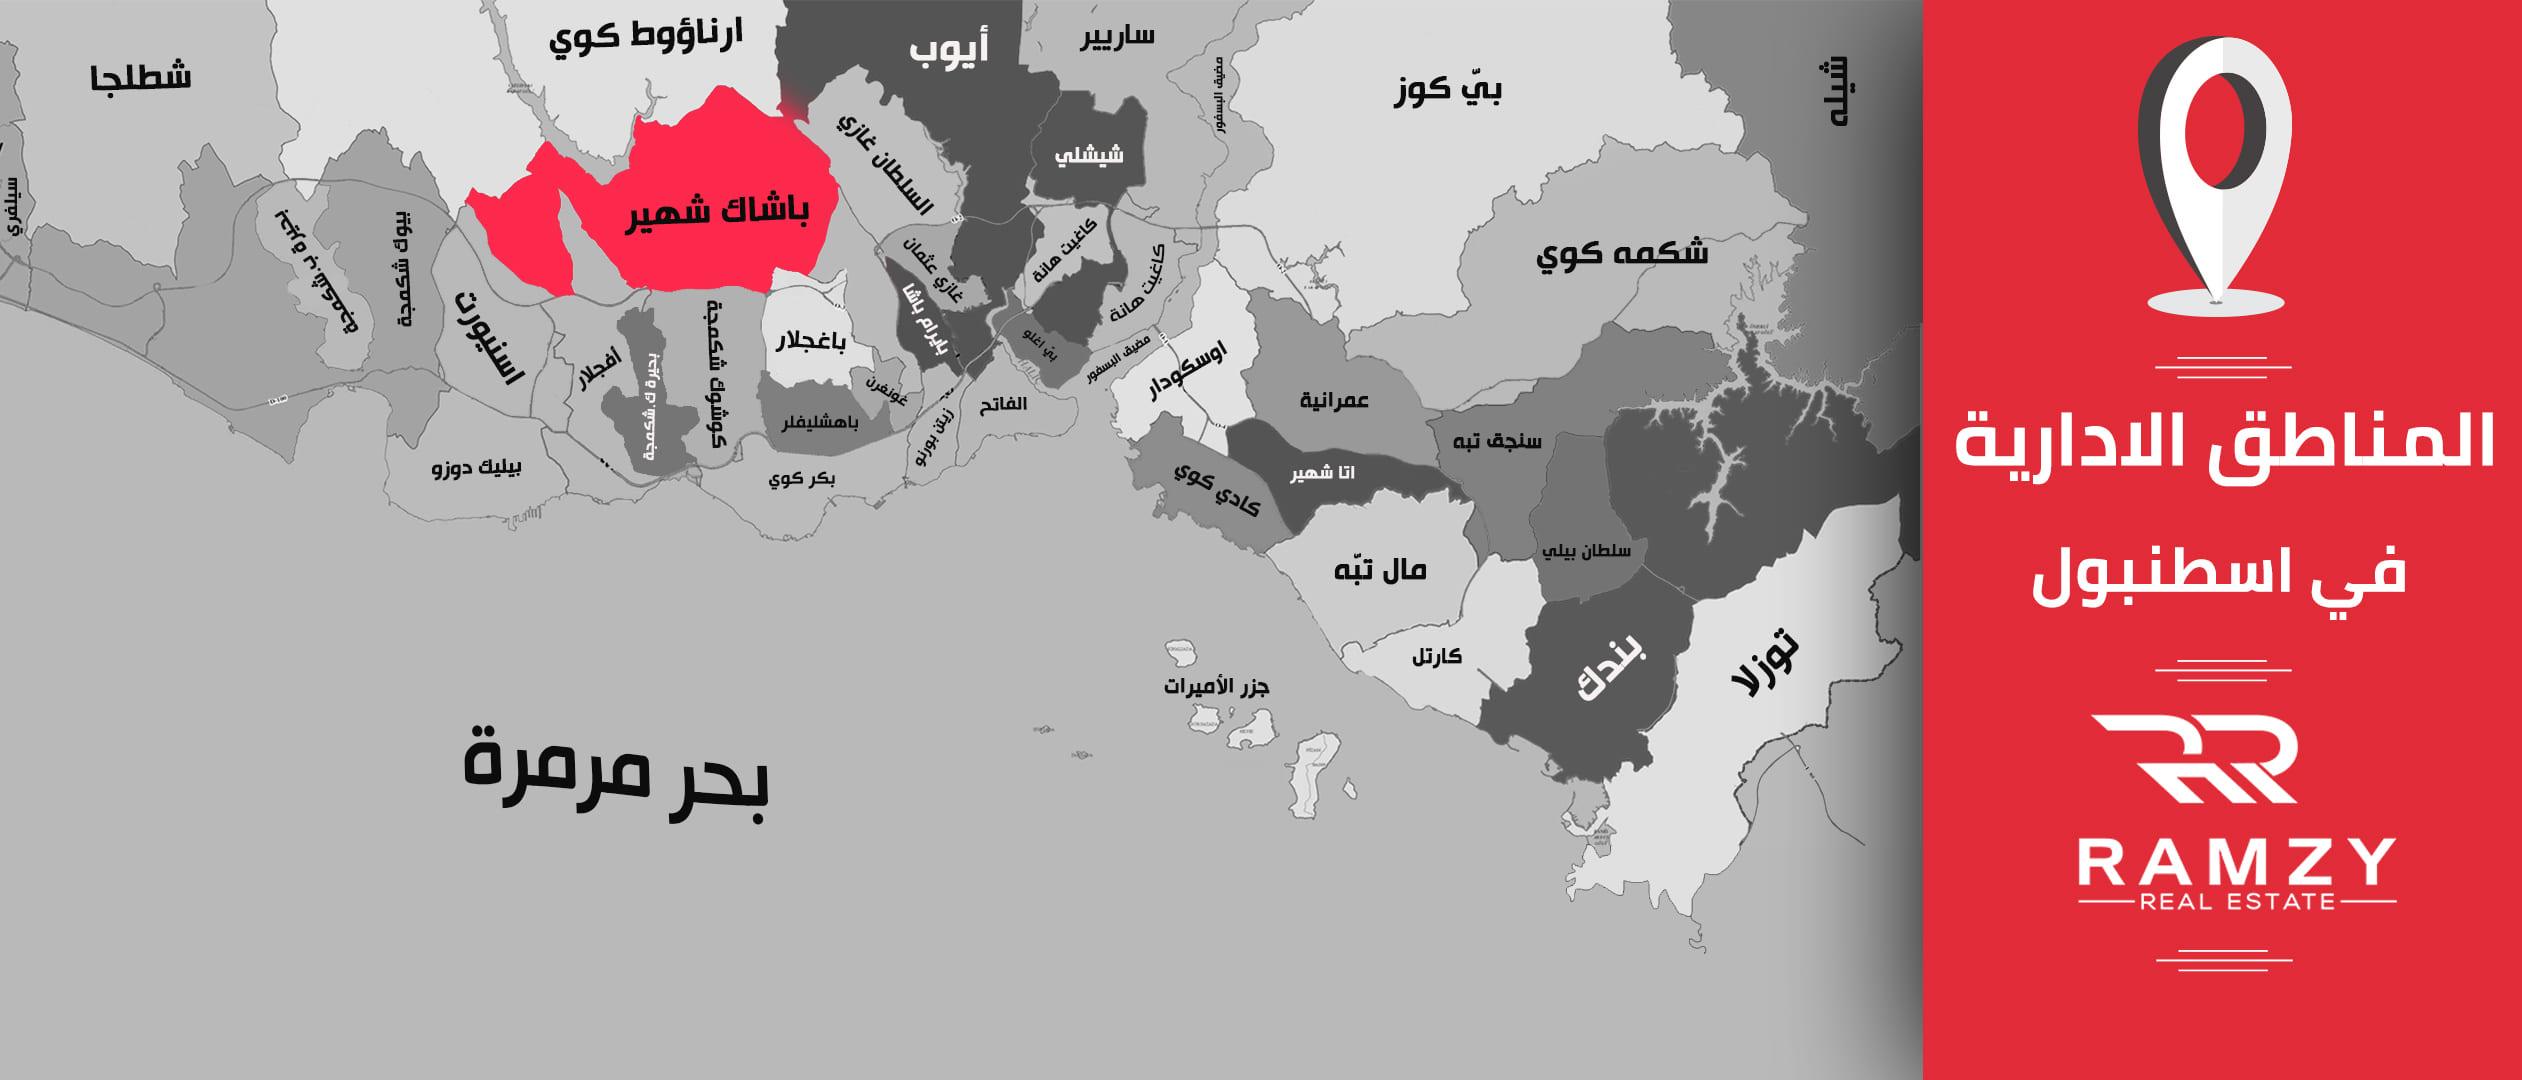 أين تقع منطقة باشاك شهير